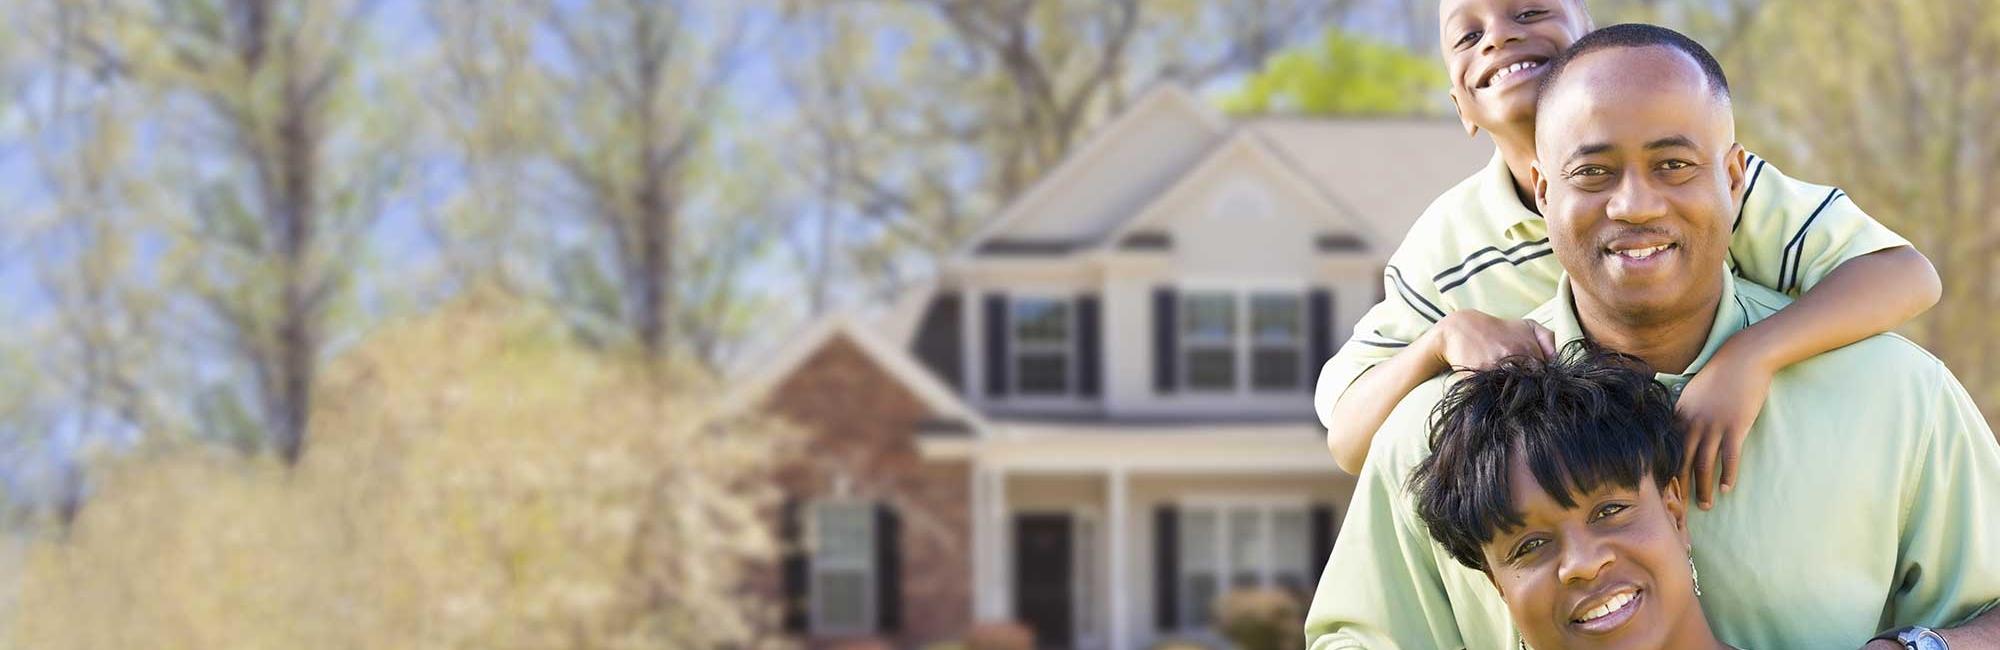 family-outside-house